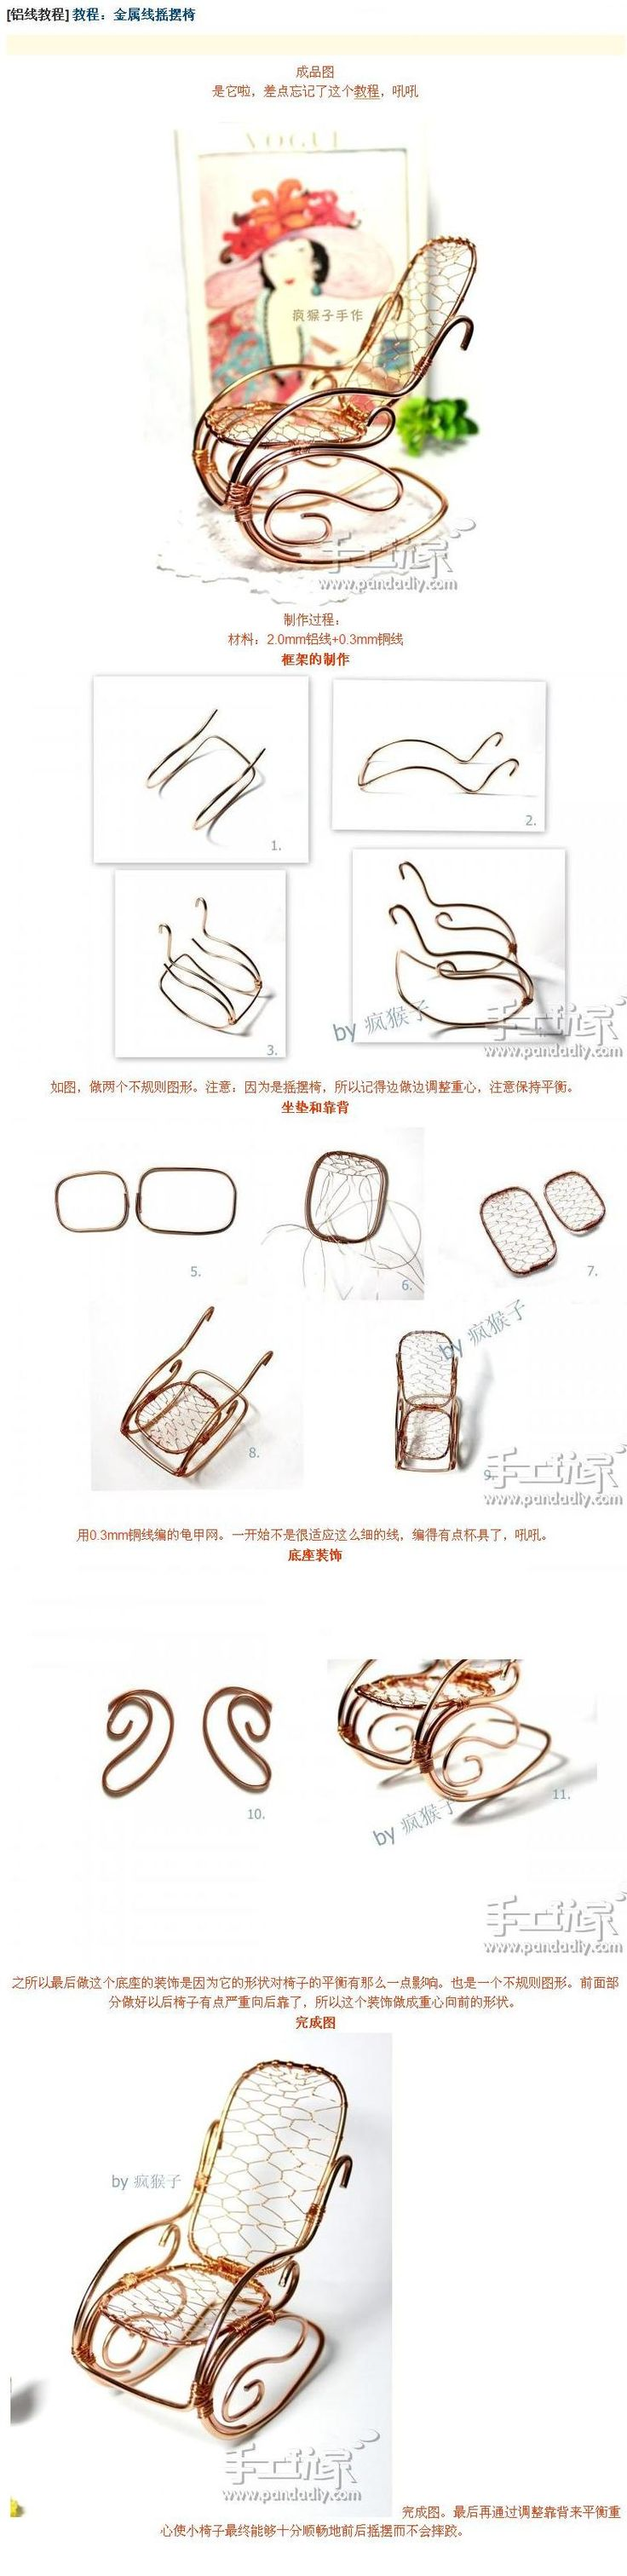 Tutorial de aluminio: alambre de metal oscilante _DIY silla